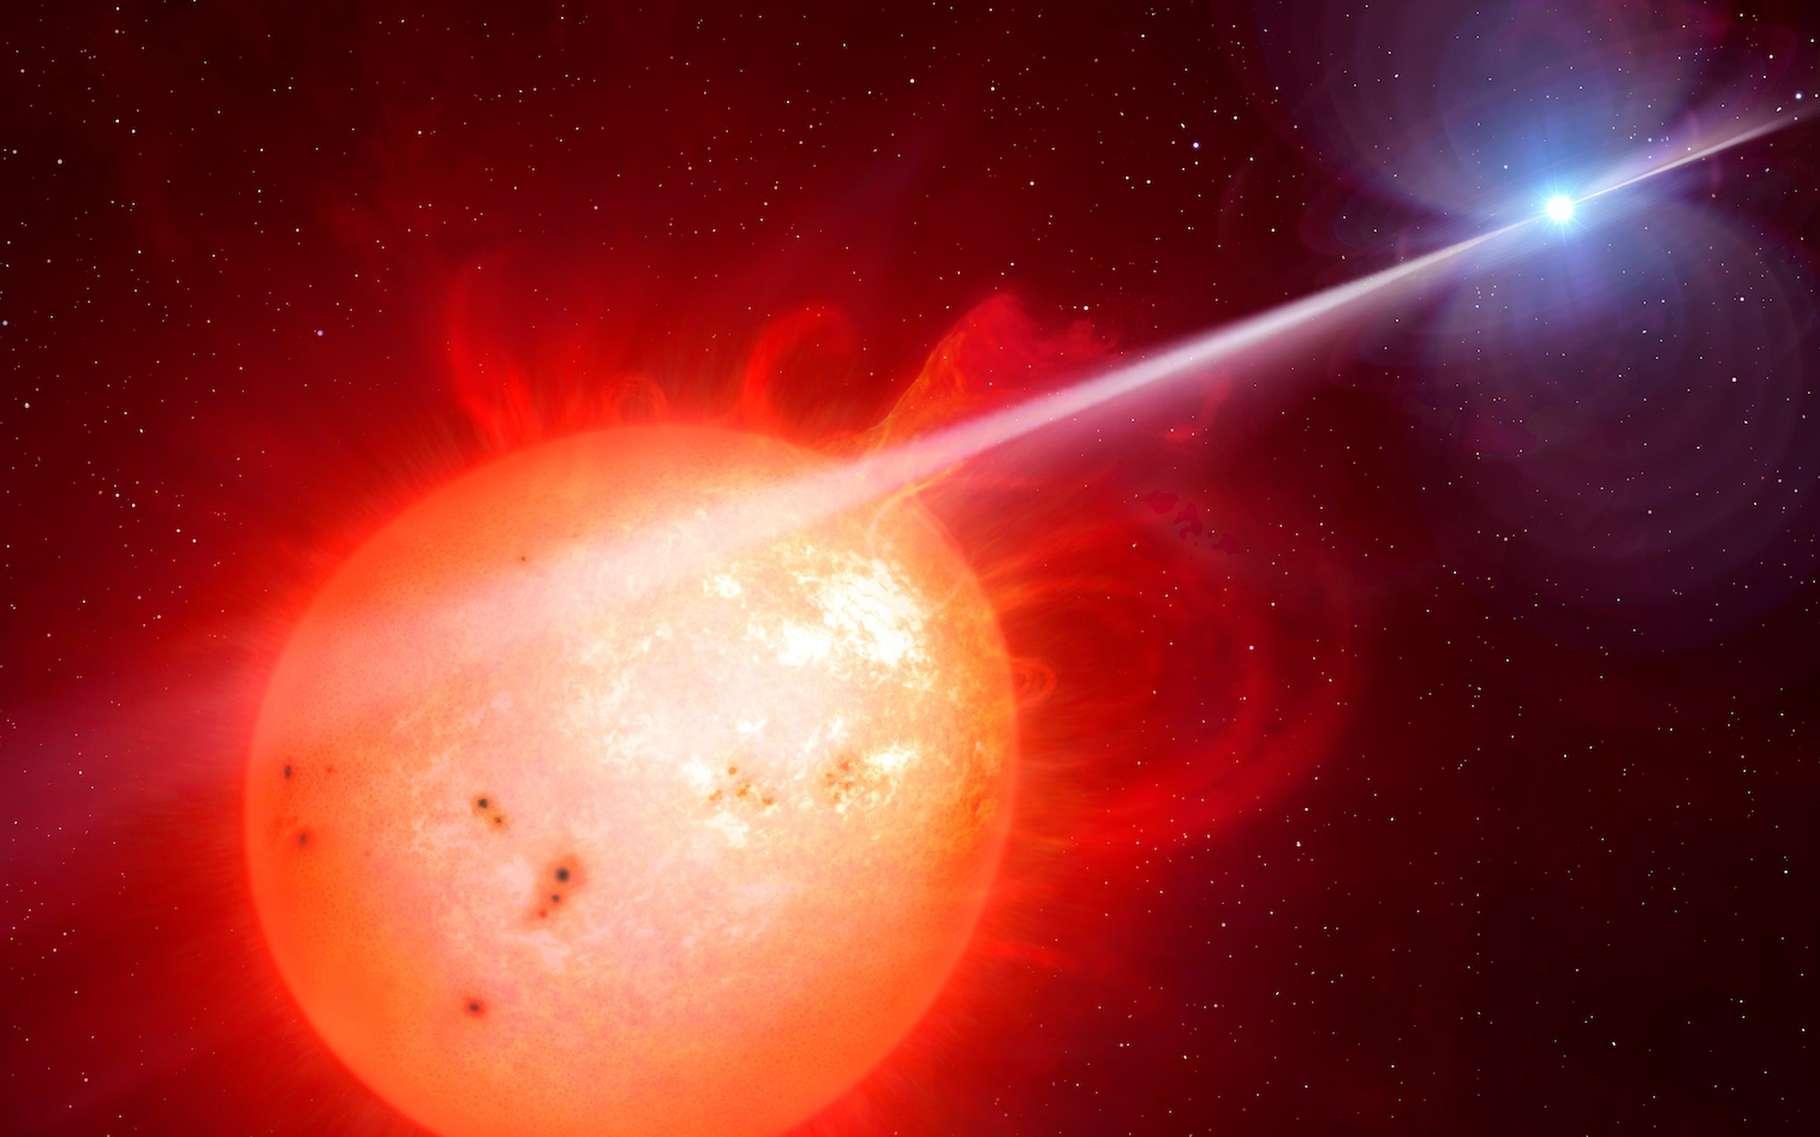 Cette vue d'artiste montre l'étrange système d'étoile double AR Scorpii. Une naine blanche (à droite), en rotation rapide, accélère les électrons jusqu'à une vitesse proche de celle de la lumière. Ces particules libèrent alors un rayonnement en faisceau qui touche l'étoile compagnon, une naine rouge (à gauche), avec un rythme de 1,97 minute. Le résultat est l'émission d'un rayonnement s'étendant de l'ultraviolet au domaine radio. © M. Garlick, University of Warwick, Eso